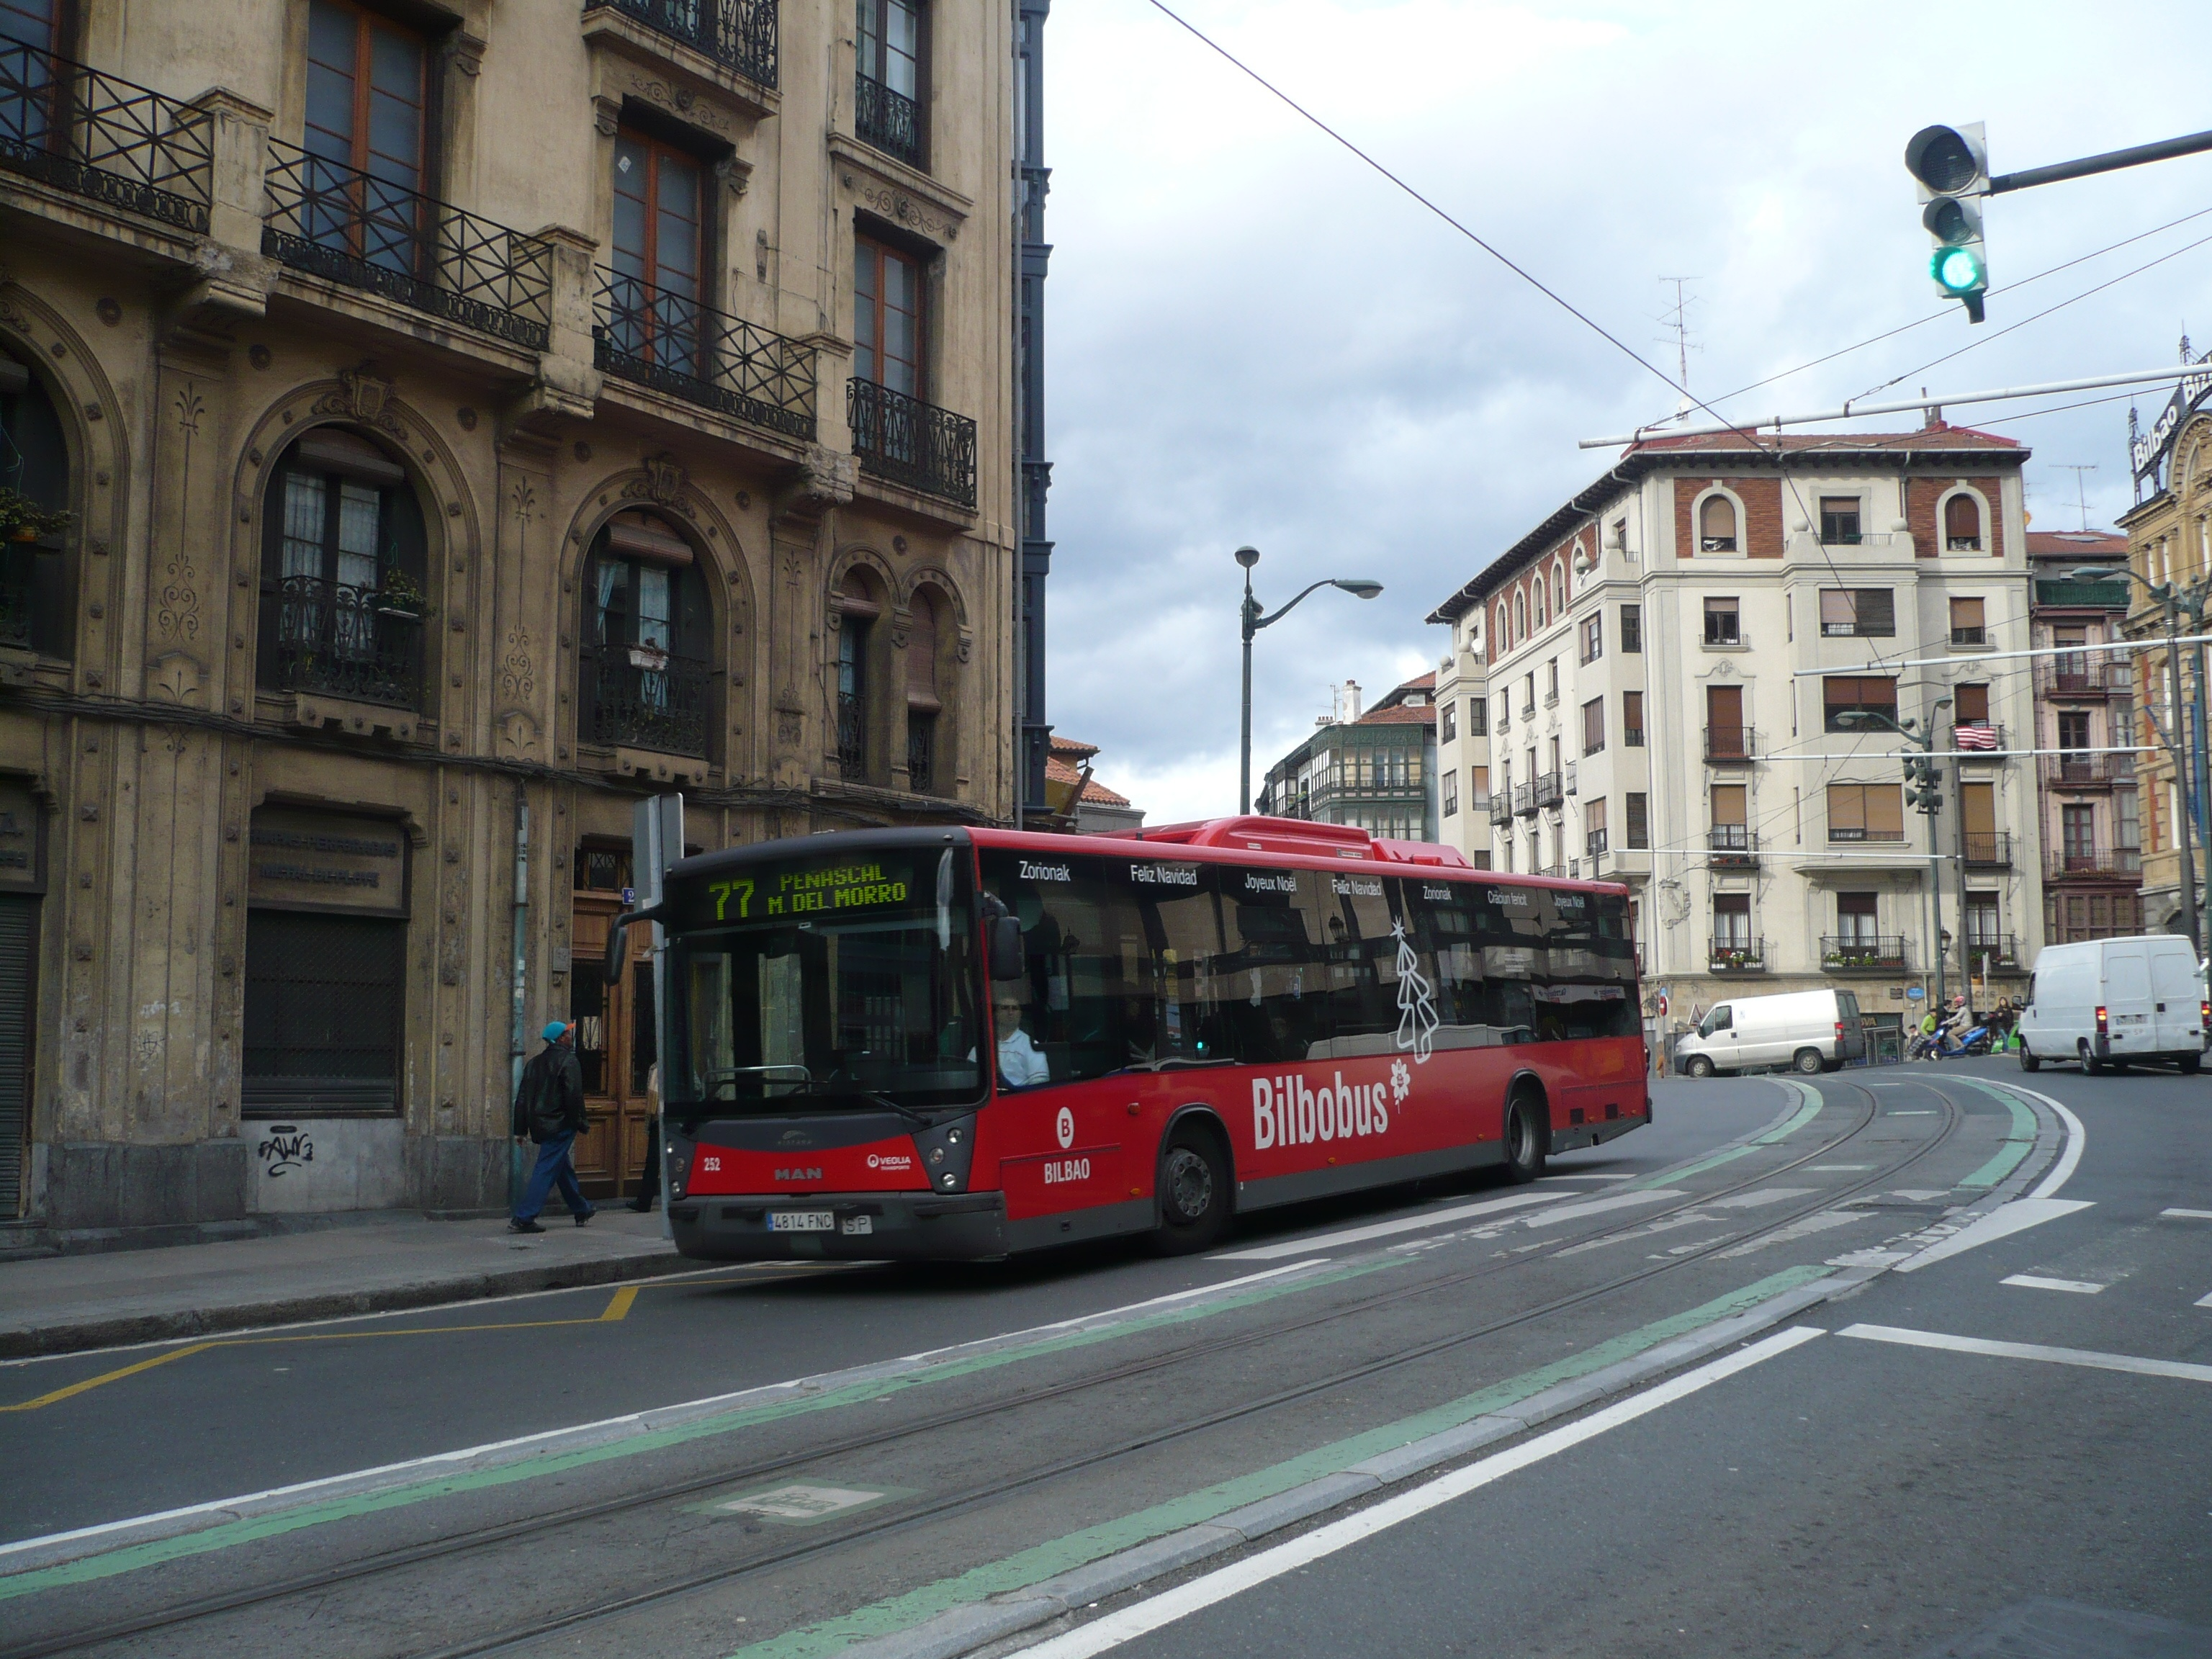 Los usuarios de Metro Bilbao caen un 1,6% en julio y los de los autobuses vascos crecen un 2,1%